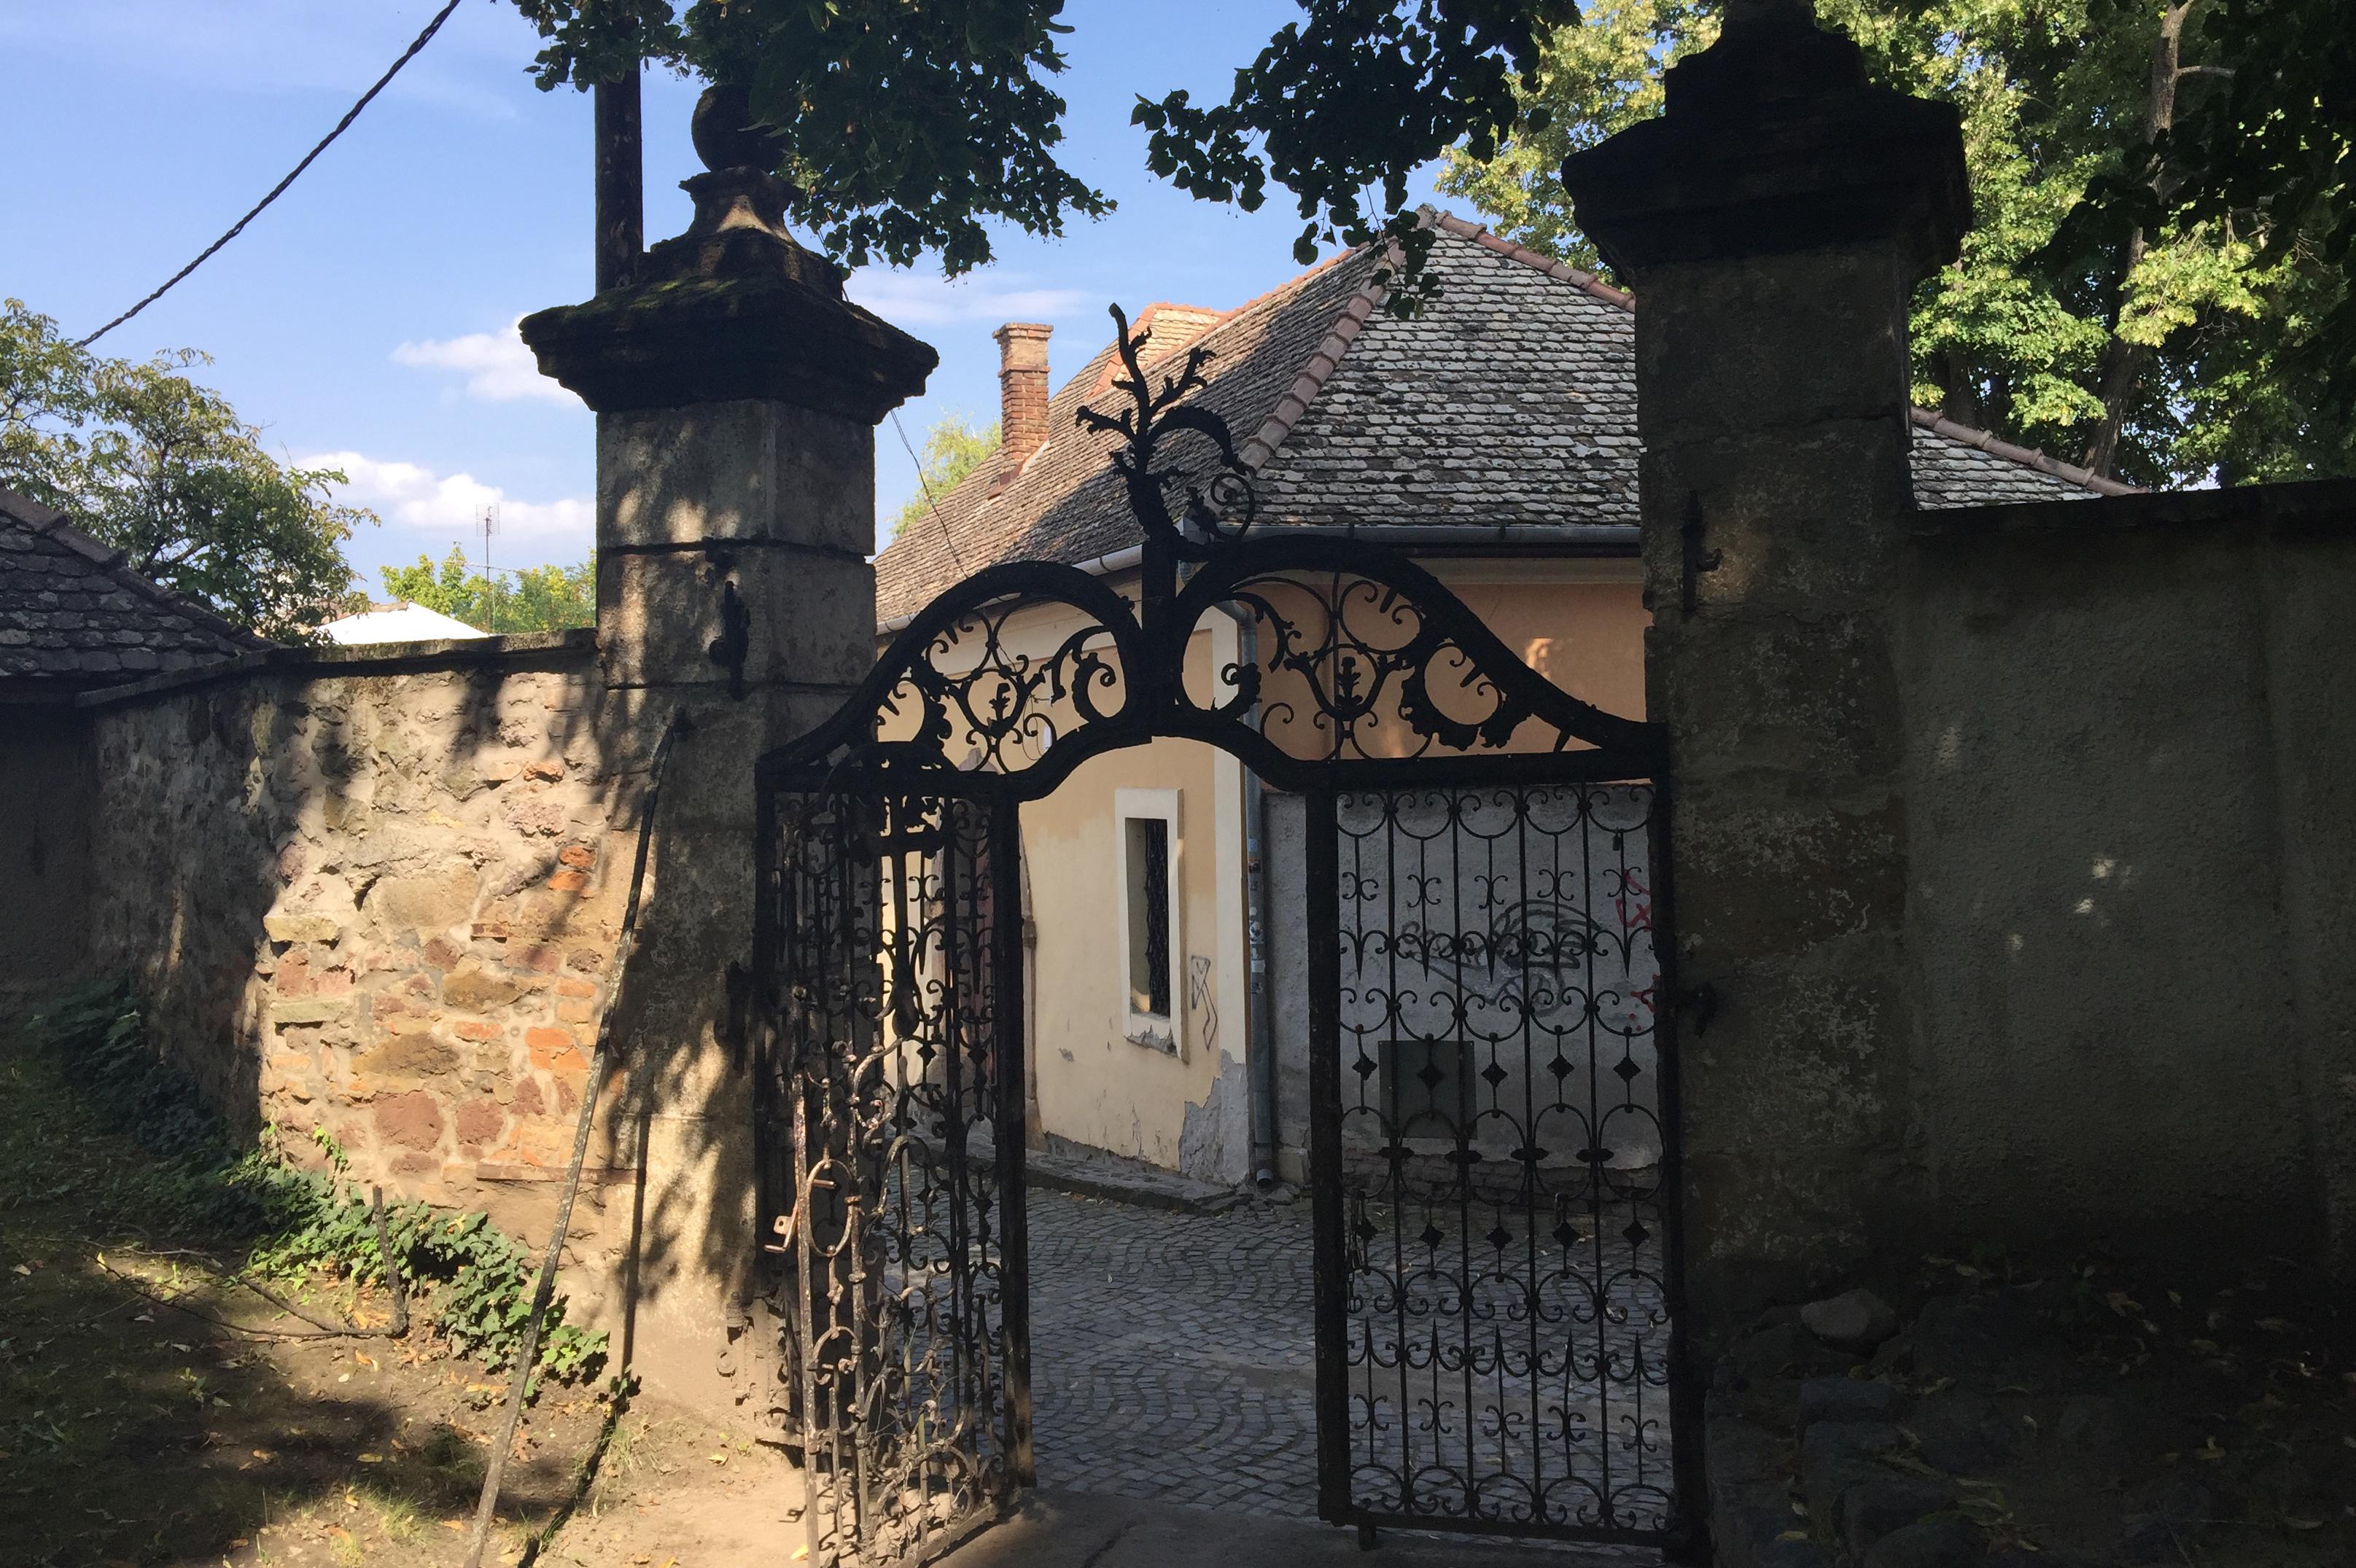 Szentendre bærer preg av å ha huset mange kulturer opp gjennom historien, hvor de levde side om side. Mange flotte håndverksdetaljer finner vi som her en smijernsport.